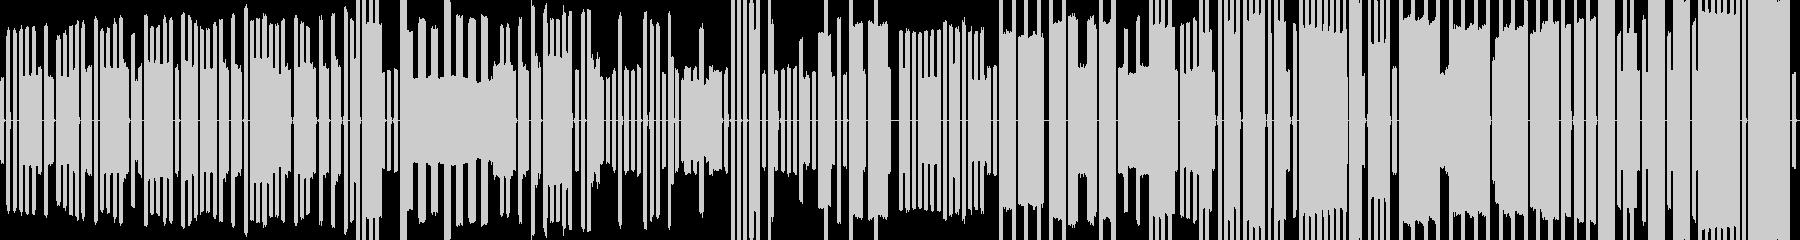 ピコピコ音のチップチューン ゲーム用の未再生の波形